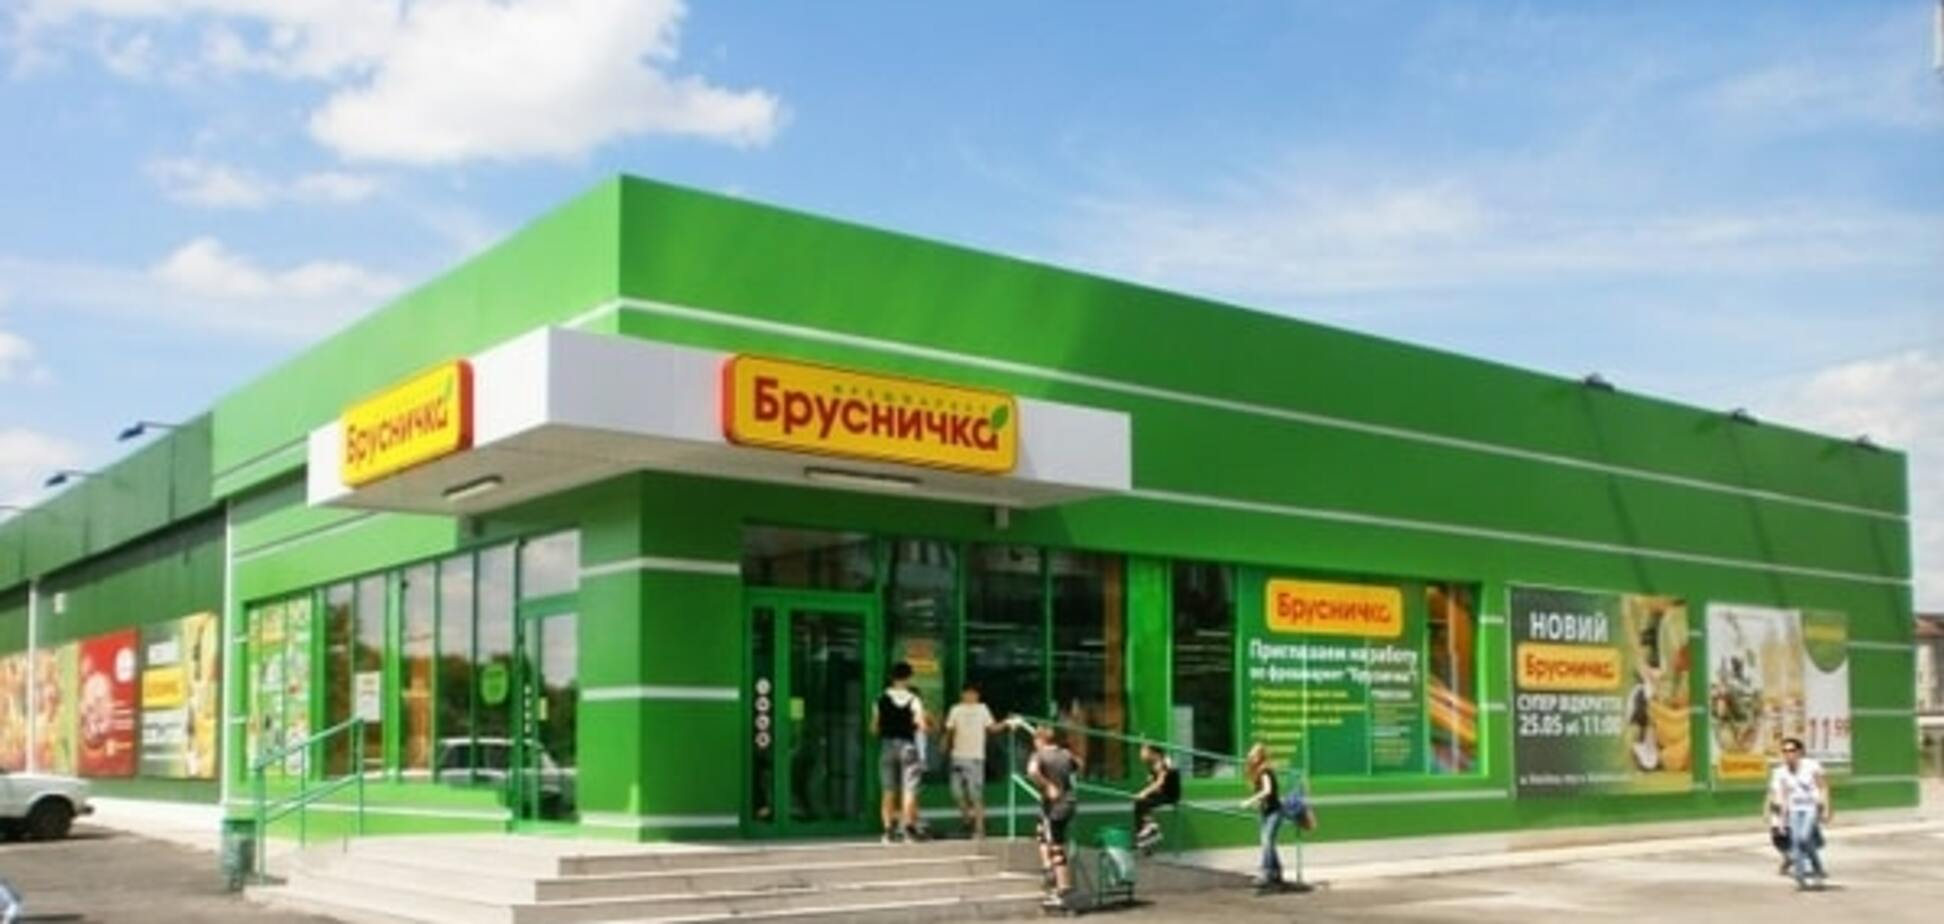 СБУ: мережа супермаркетів 'Брусничка' під підозрою в ухилянні від сплати податків